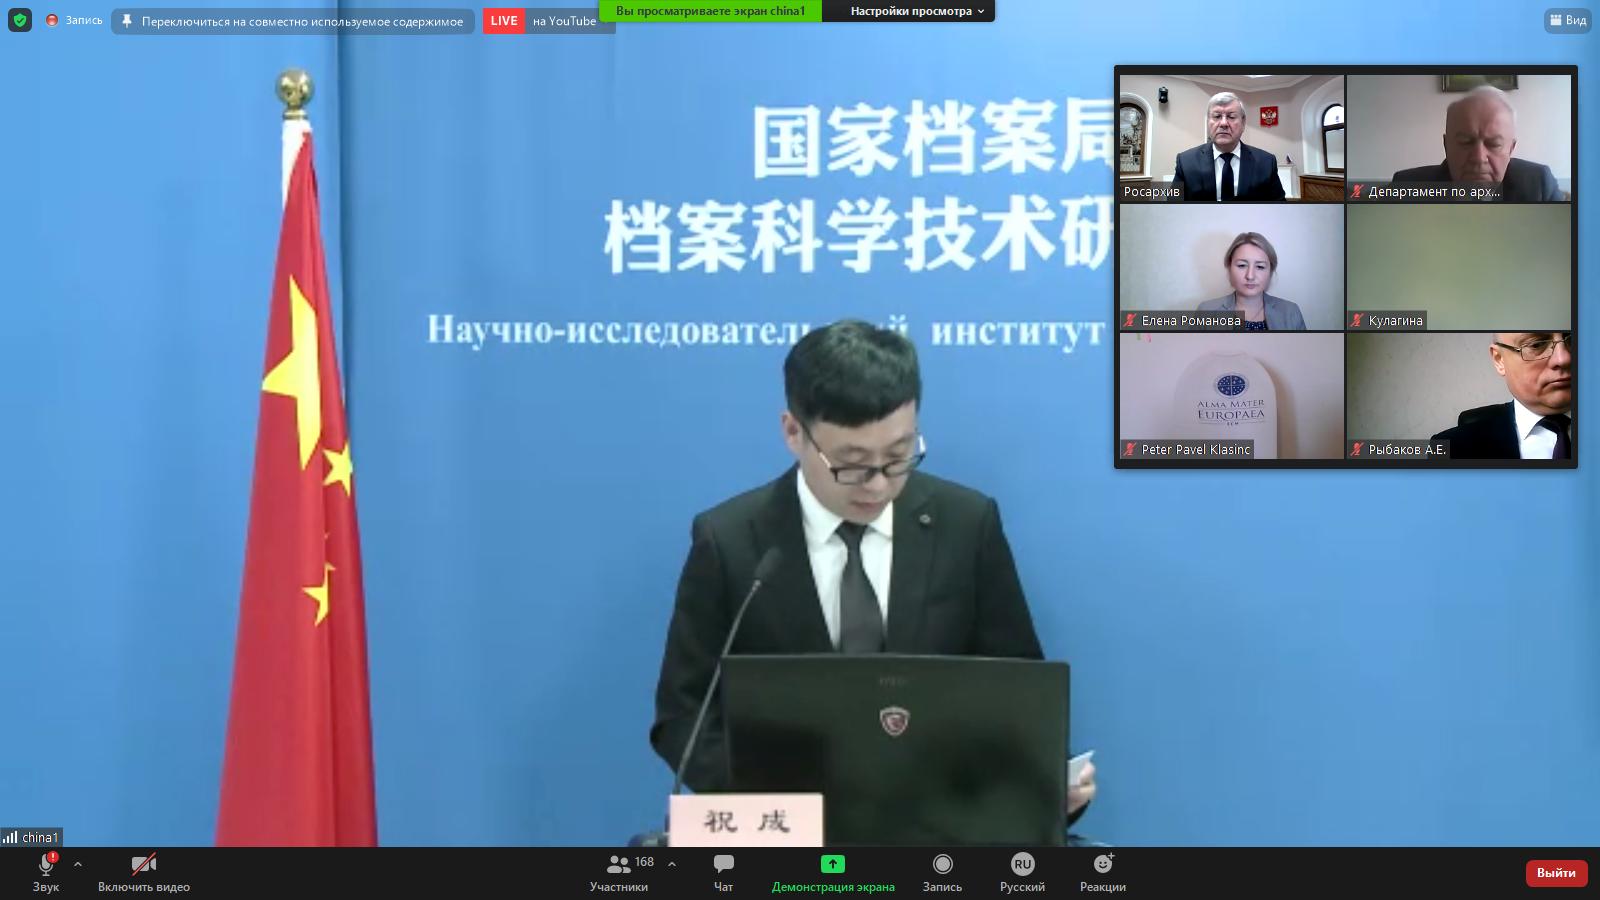 Чжу Чэн, Архивный научно-технический институт государственного архивного управления Китайской Народной Республики.